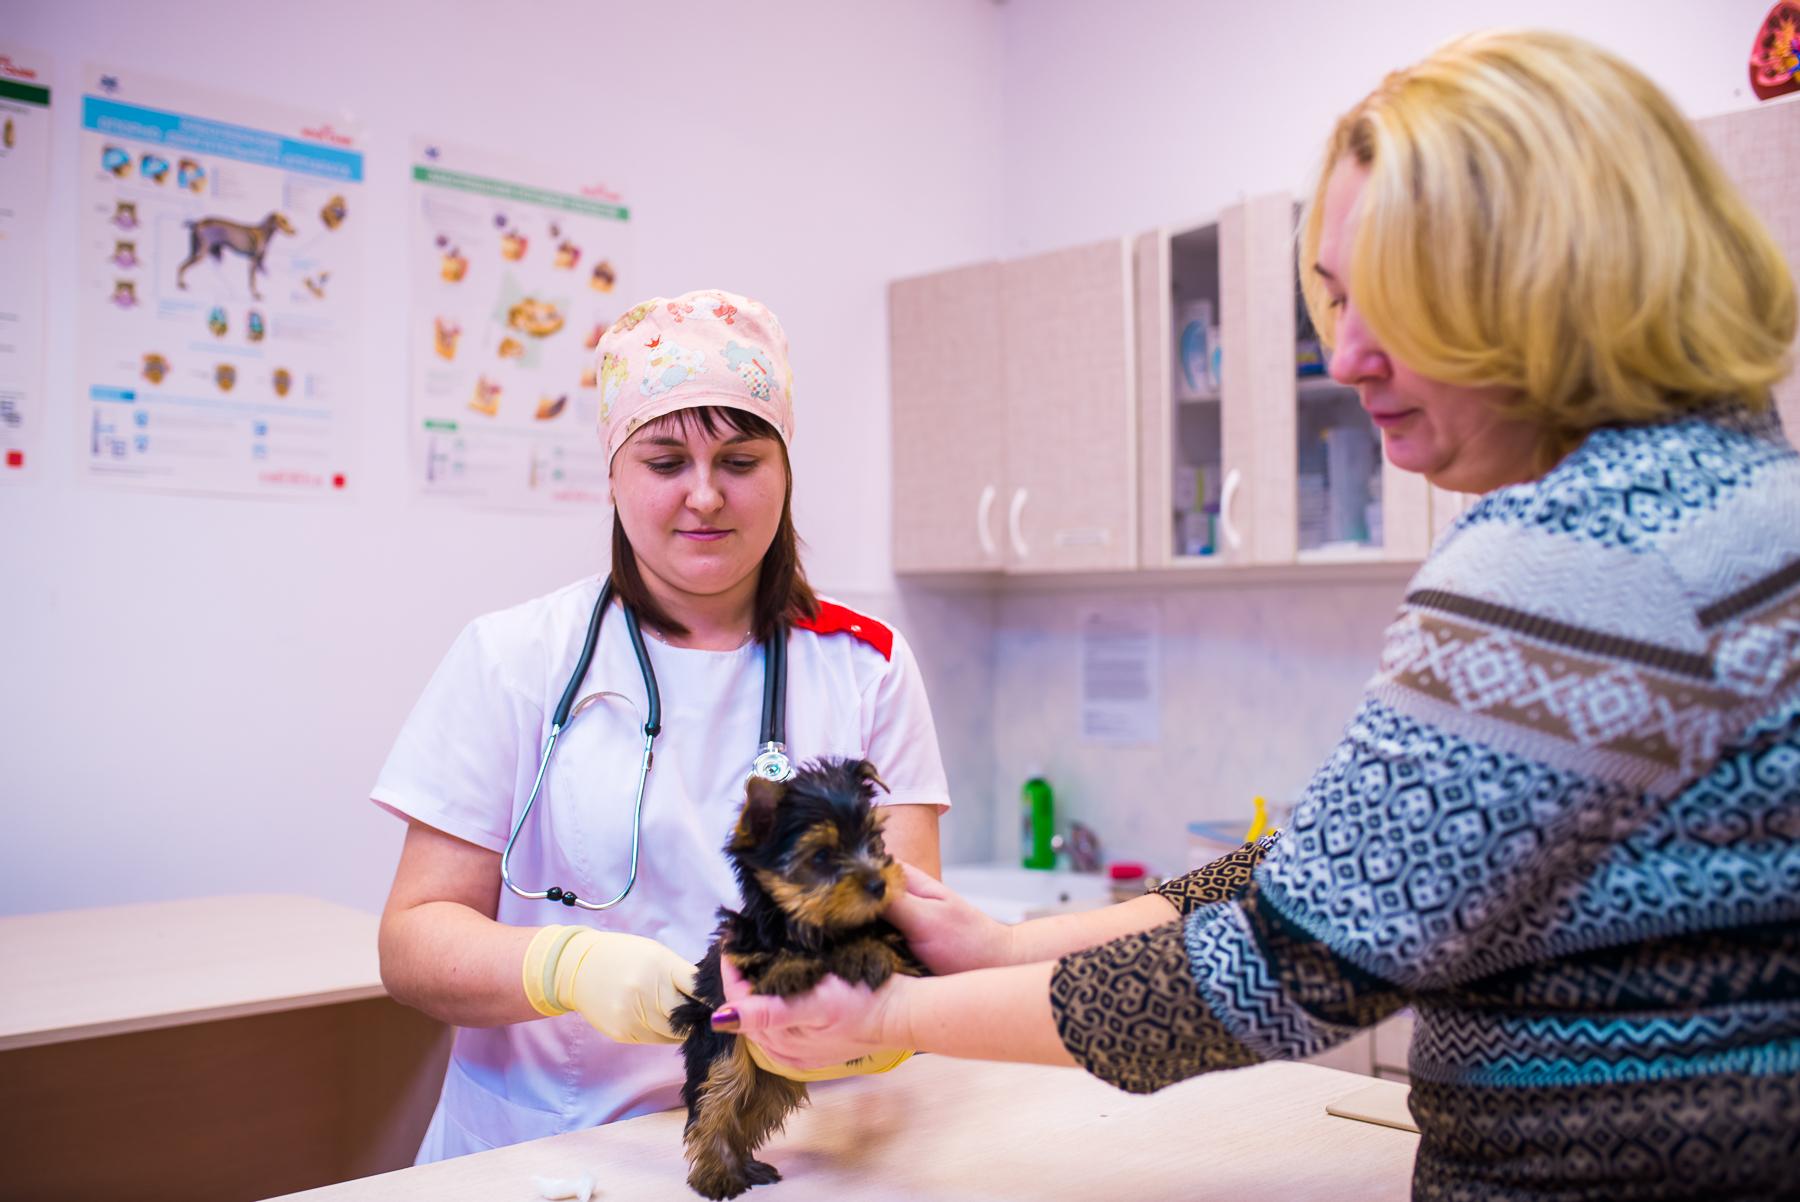 Ветеринарные услуги круглосуточной клиники в г.Красноярск - Амикус